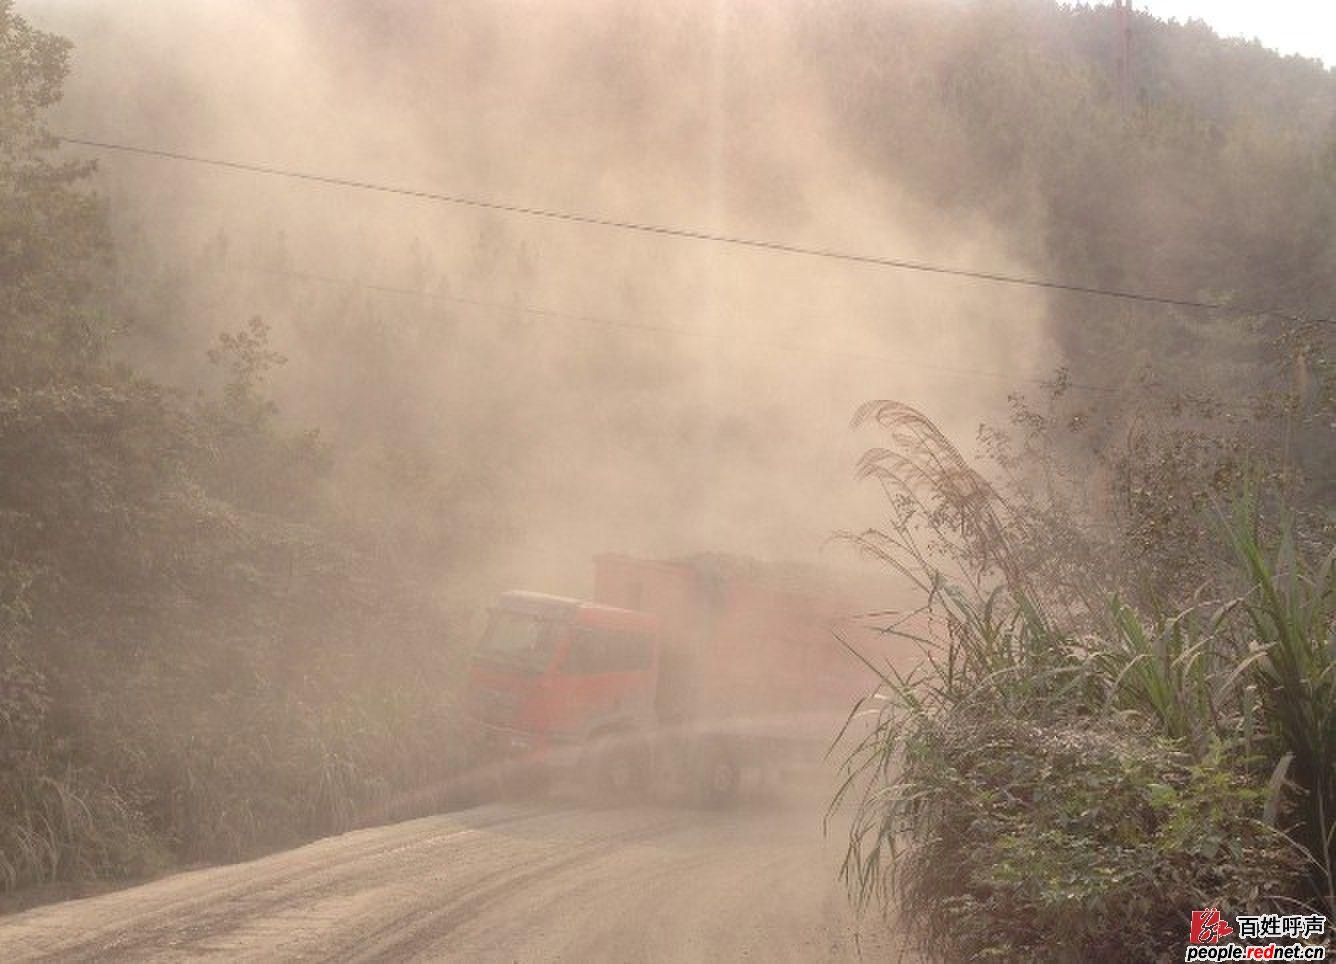 县长乐地区山被开矿征用了,土被开矿征用了